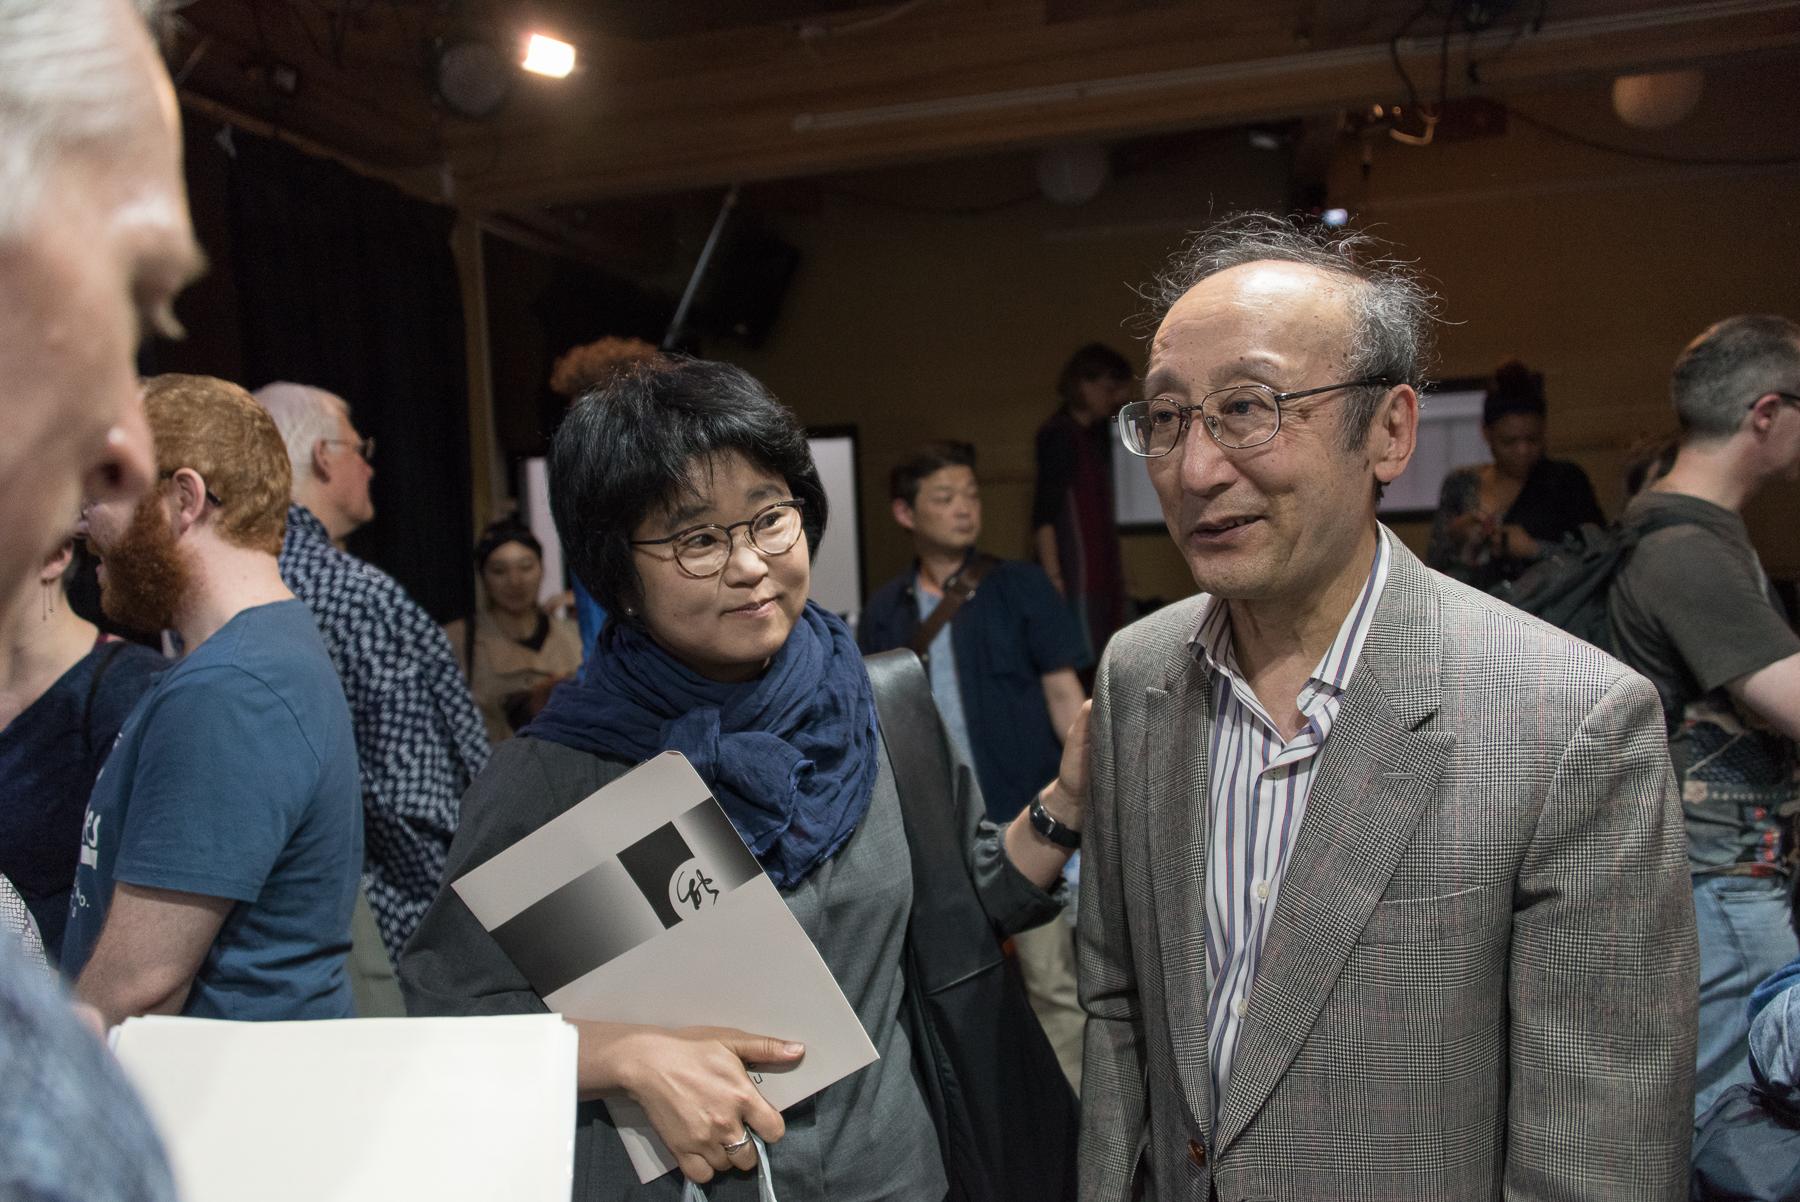 Wachi Yukiko, Ichikawa Tatsumi